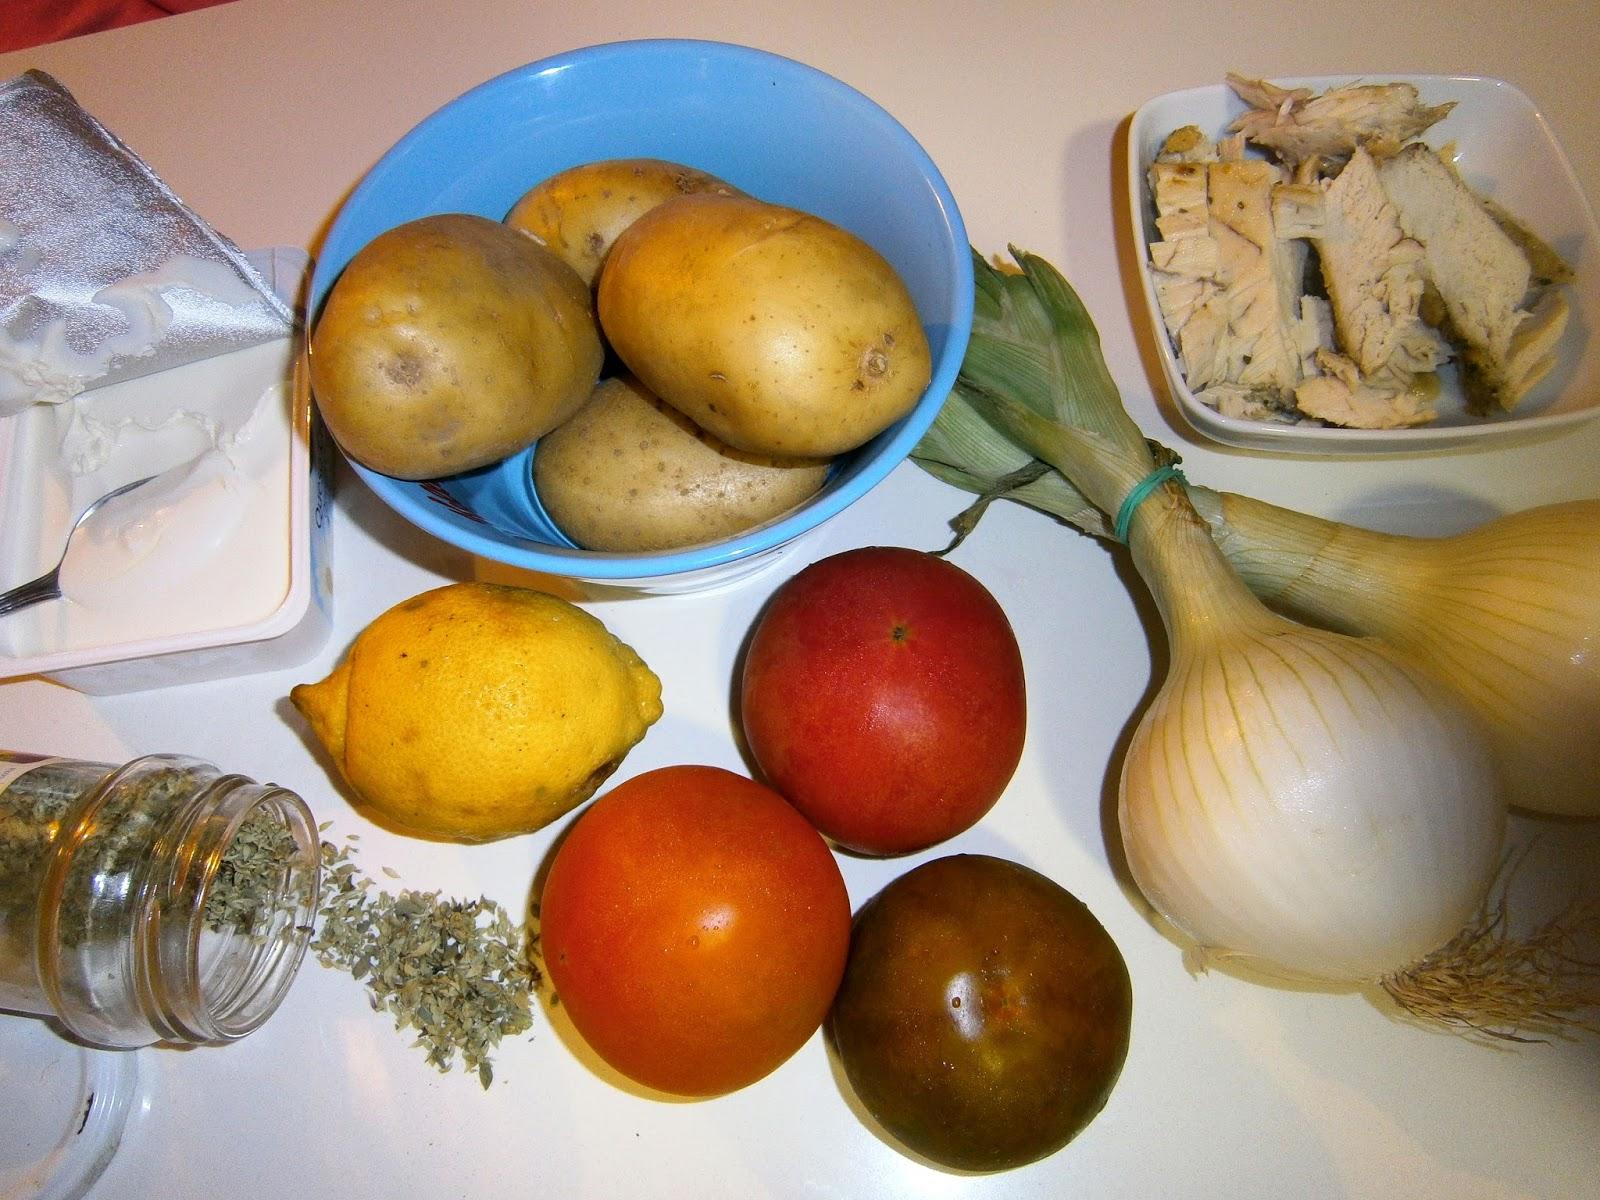 Ensalada de patata y bonito estilo jamie oliver la for Cocina 5 ingredientes jamie oliver